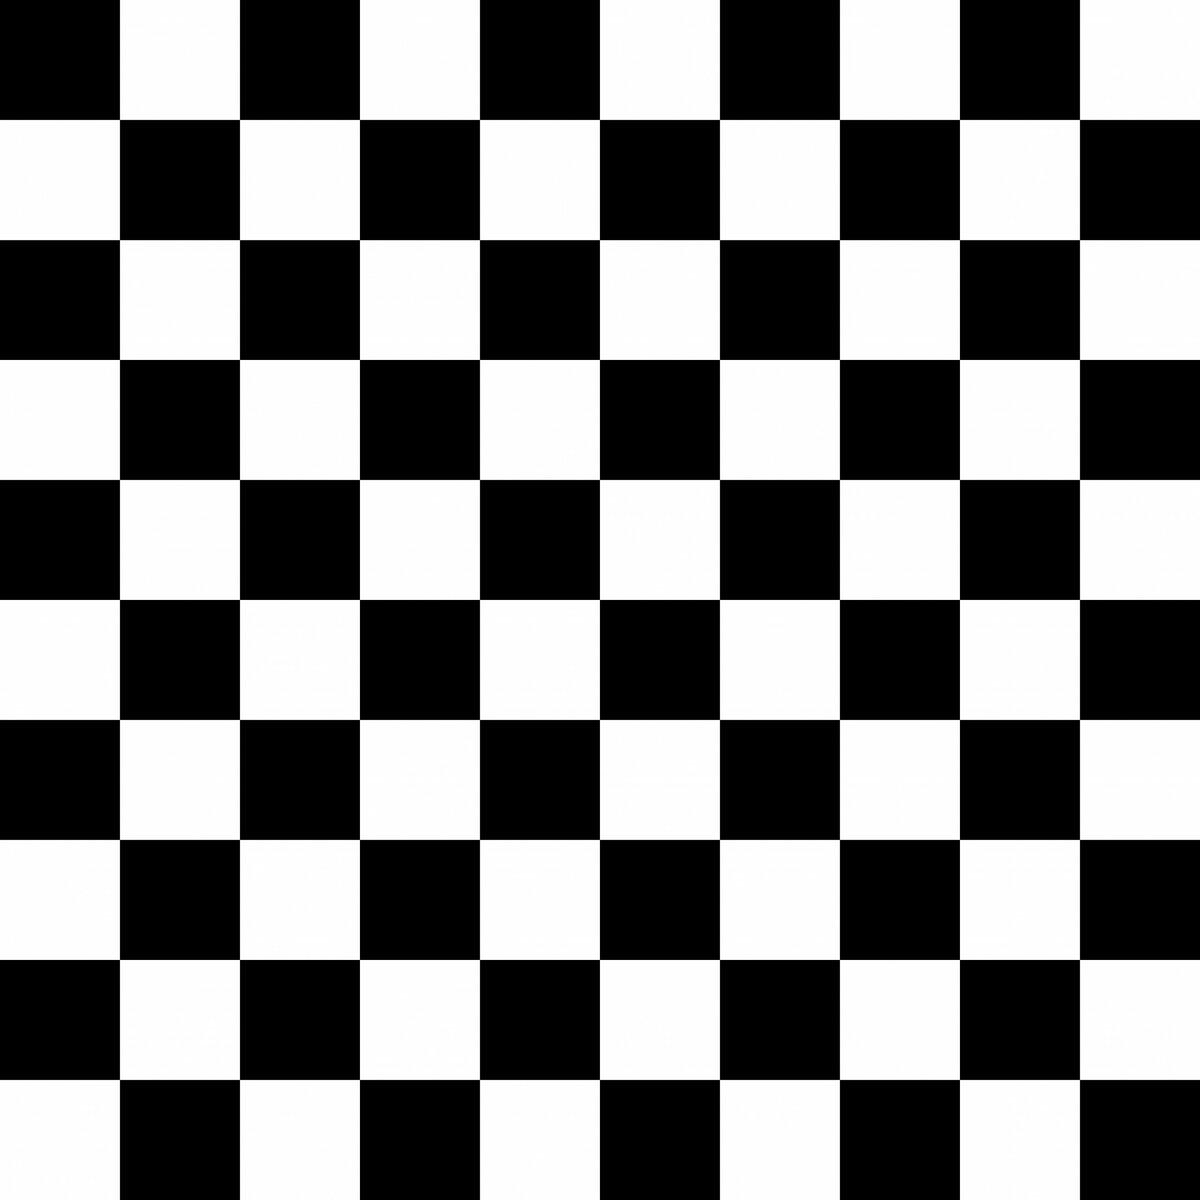 увидели один клетка черно белая картинка с огнем каждом конкретном